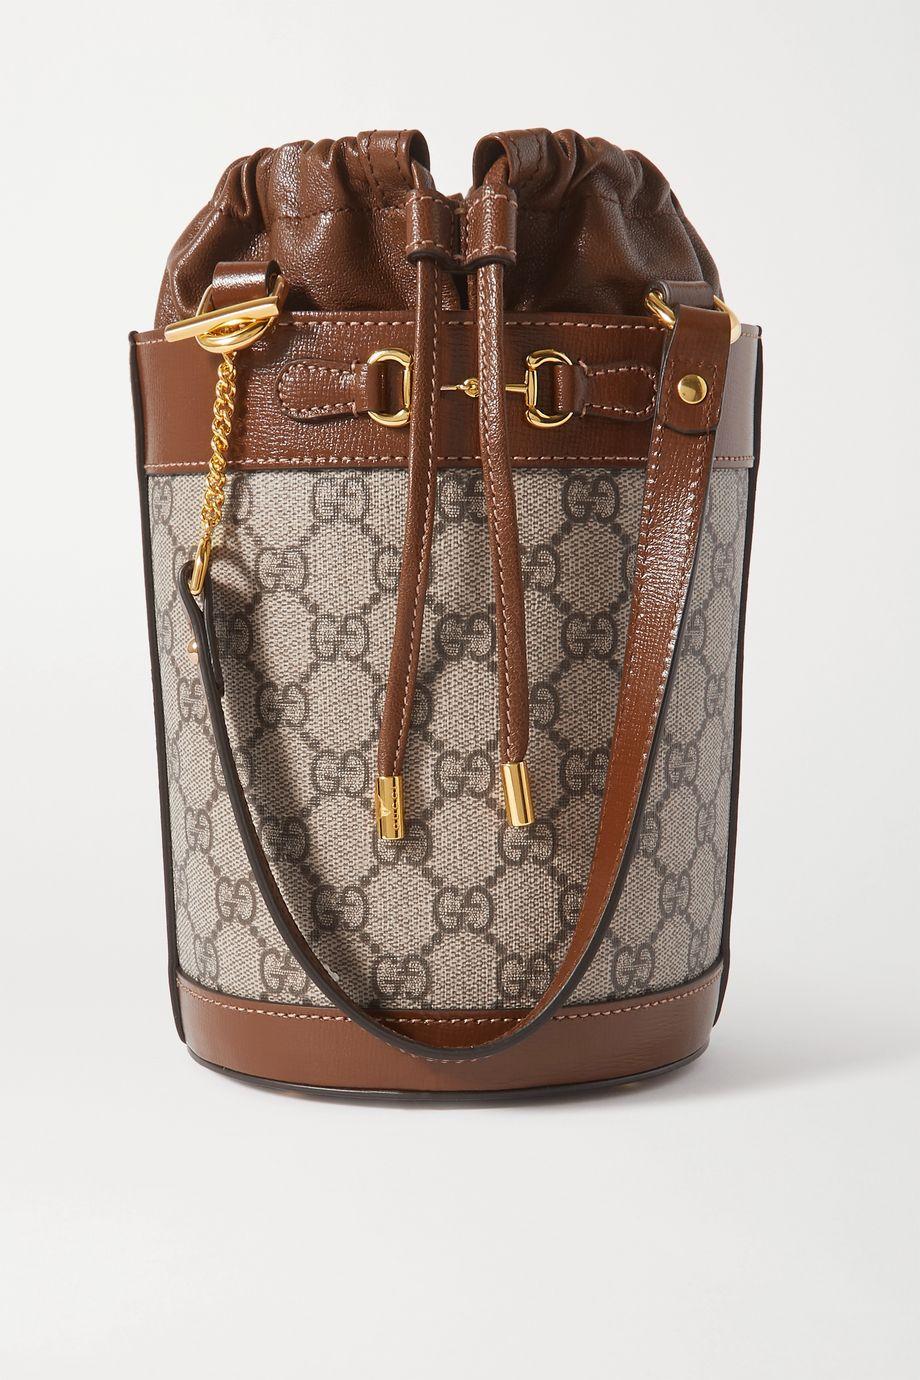 Gucci 1955 Horsebit 皮革边饰印花涂层帆布水桶包